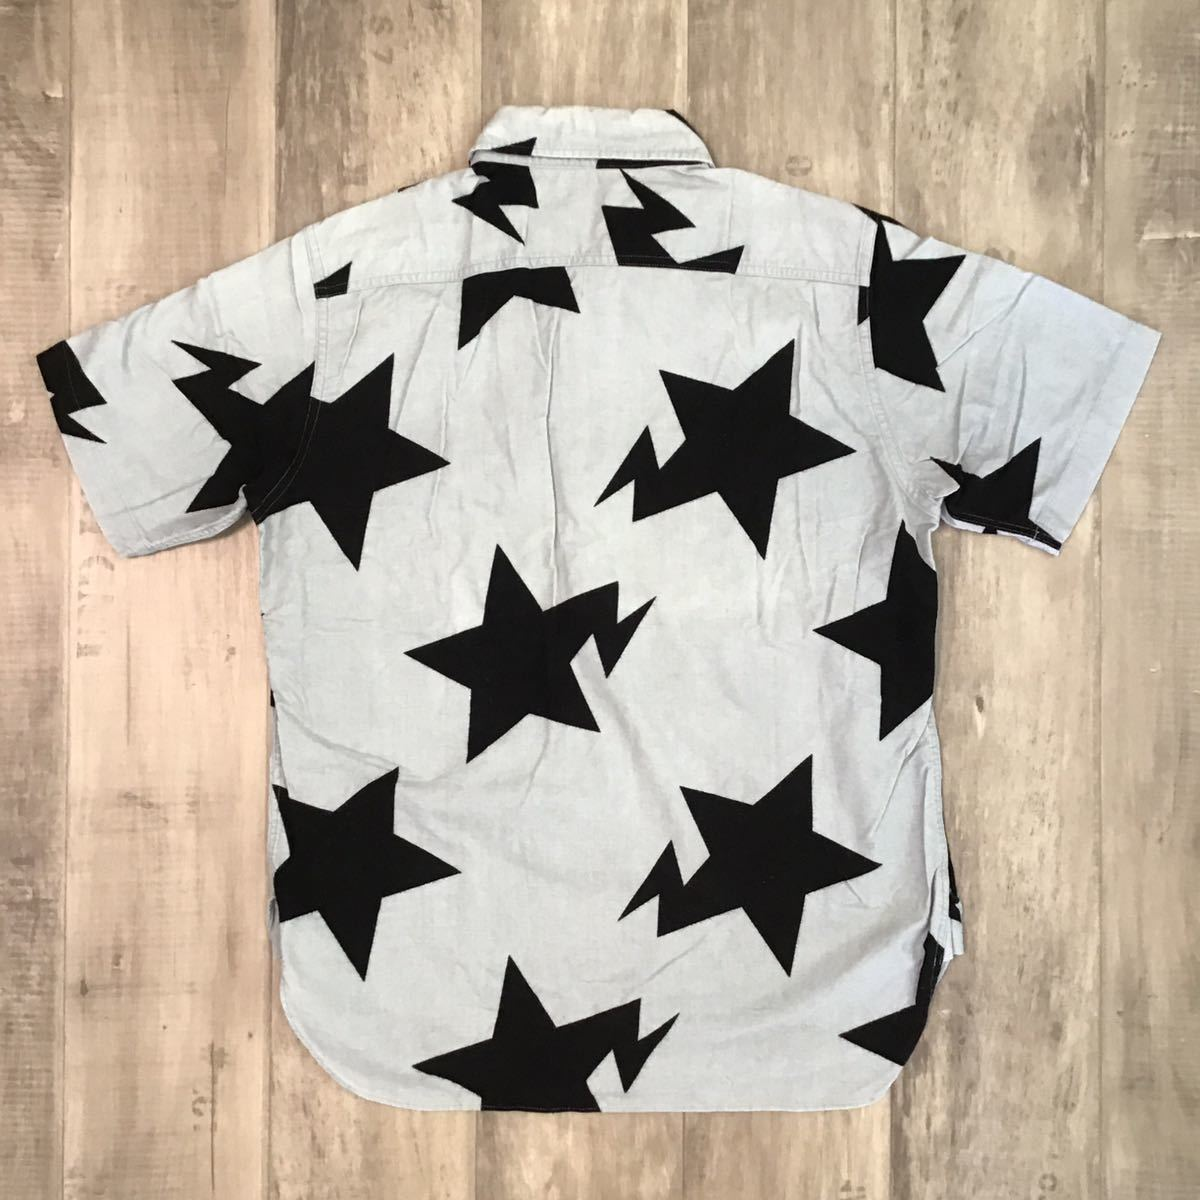 bapesta 半袖シャツ Sサイズ gray × black a bathing ape bape sta エイプ ベイプ アベイシングエイプ スター star 1936